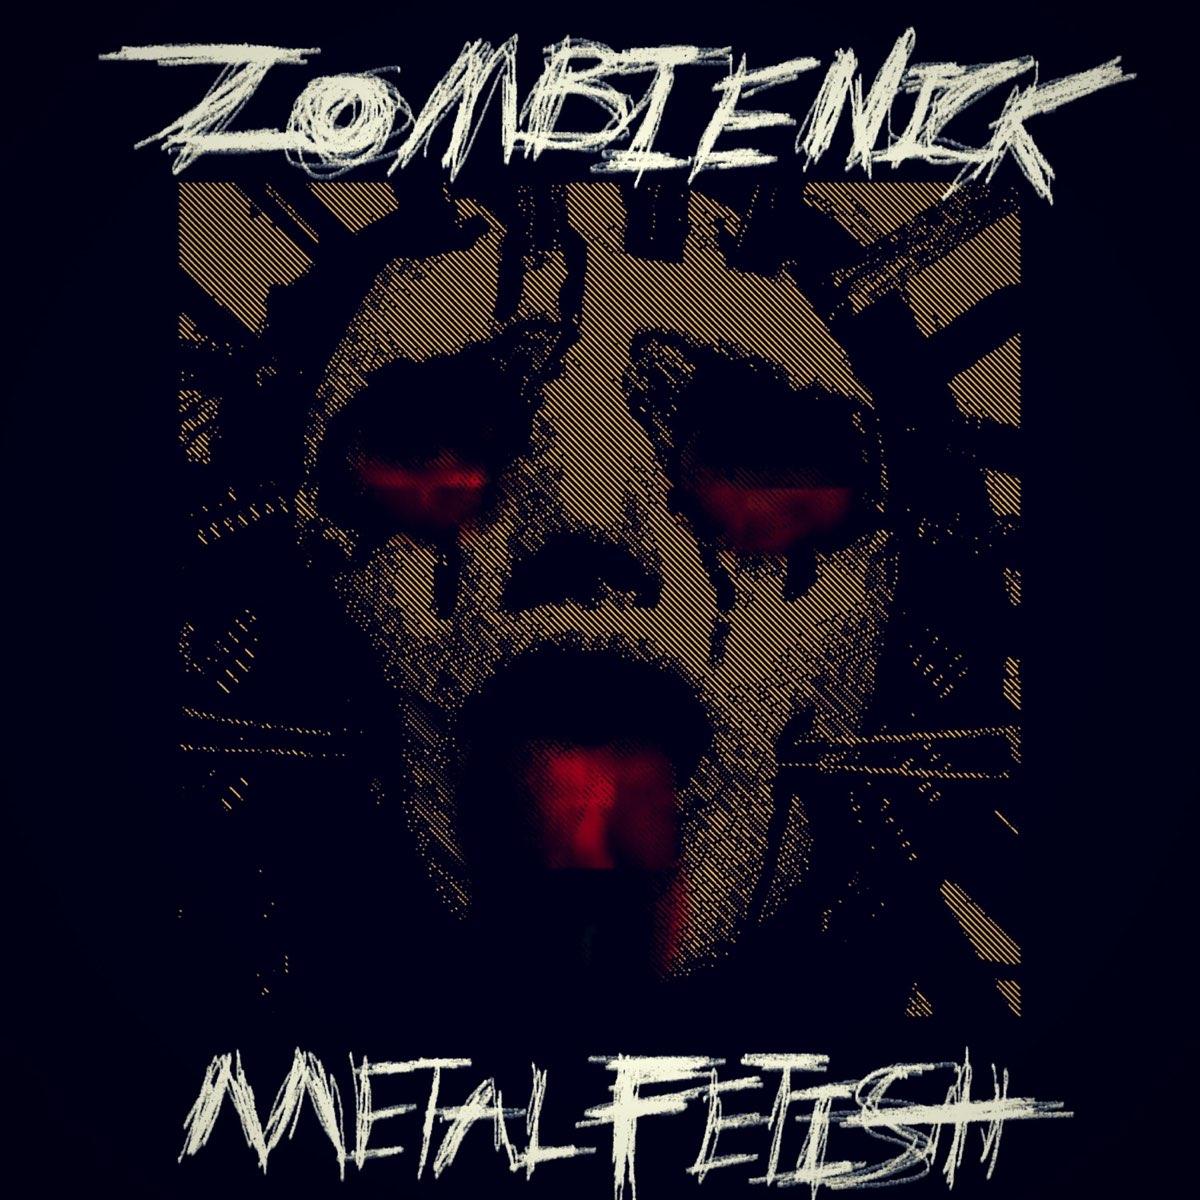 Metalfetish